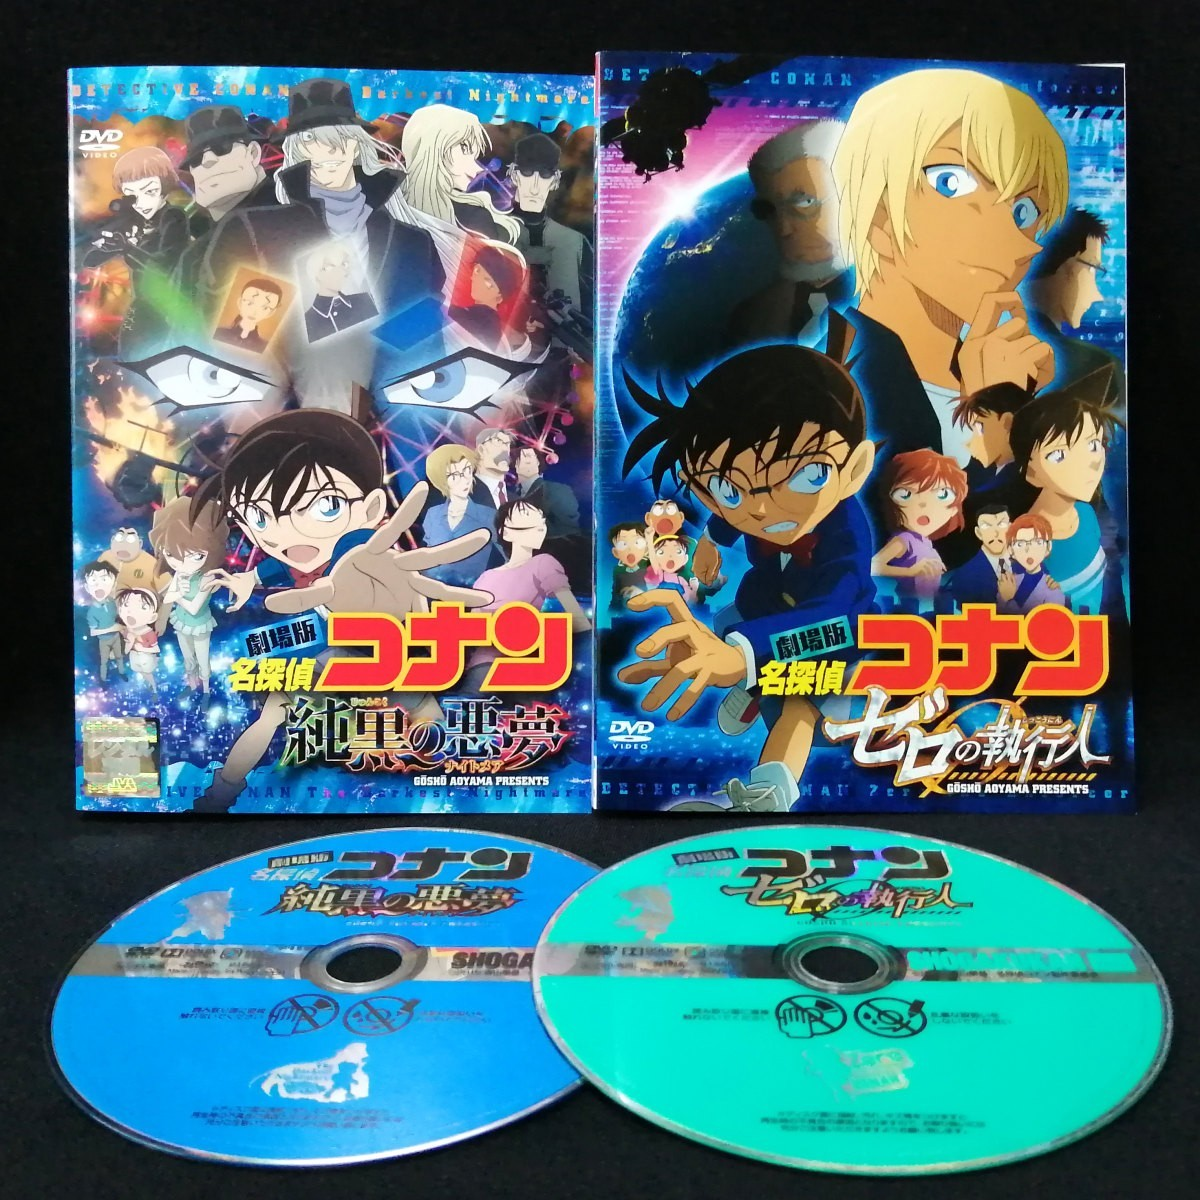 DVD 劇場版 名探偵コナン 純黒の悪夢 & ゼロの執行人 レンタル版